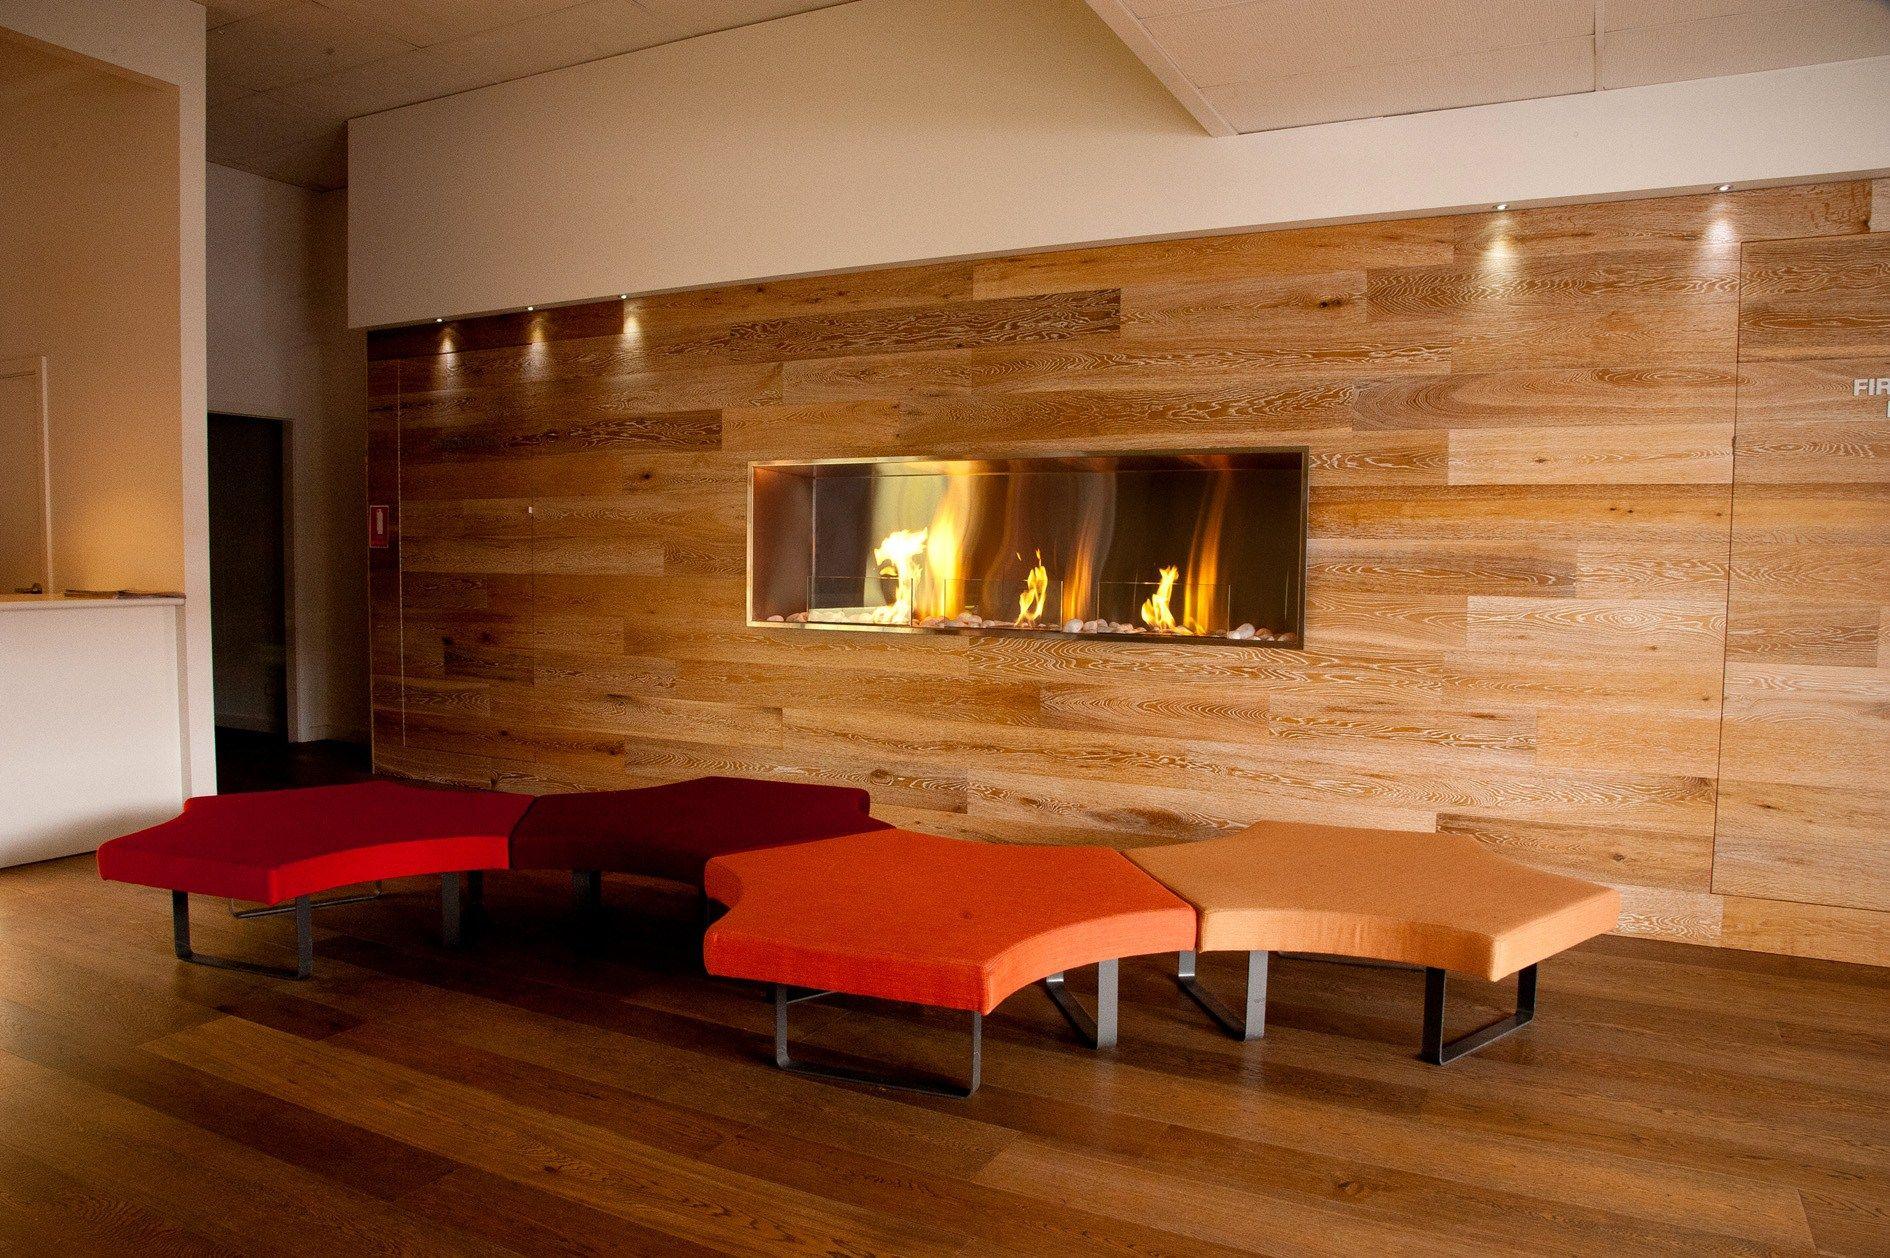 bioethanol fireplace insert firebox ss by ecosmart fire -